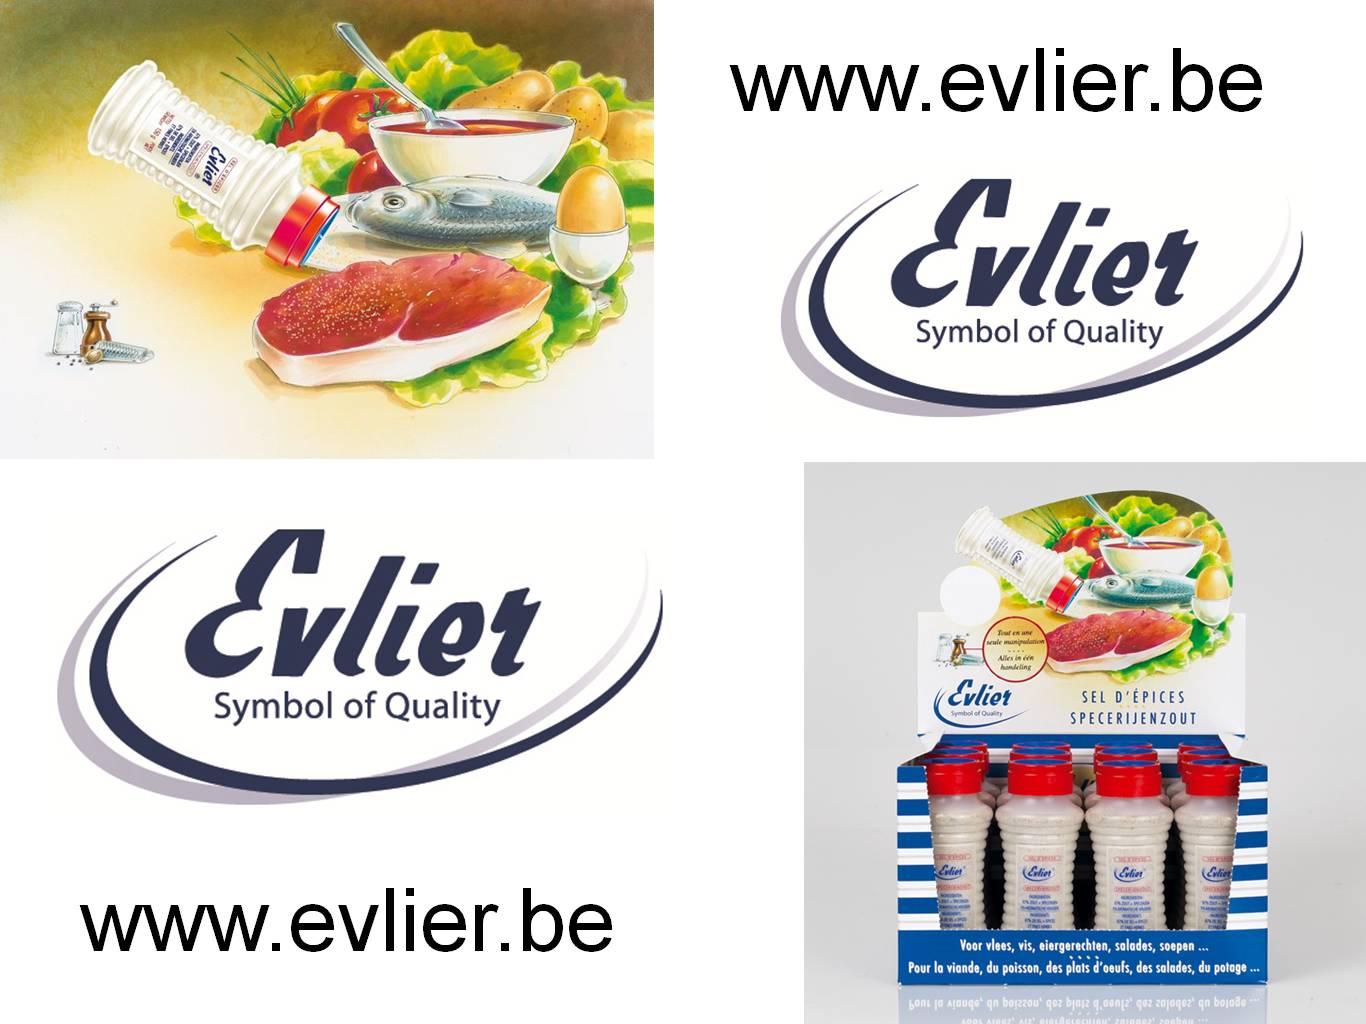 Evlier - Marc Van Lier bvba